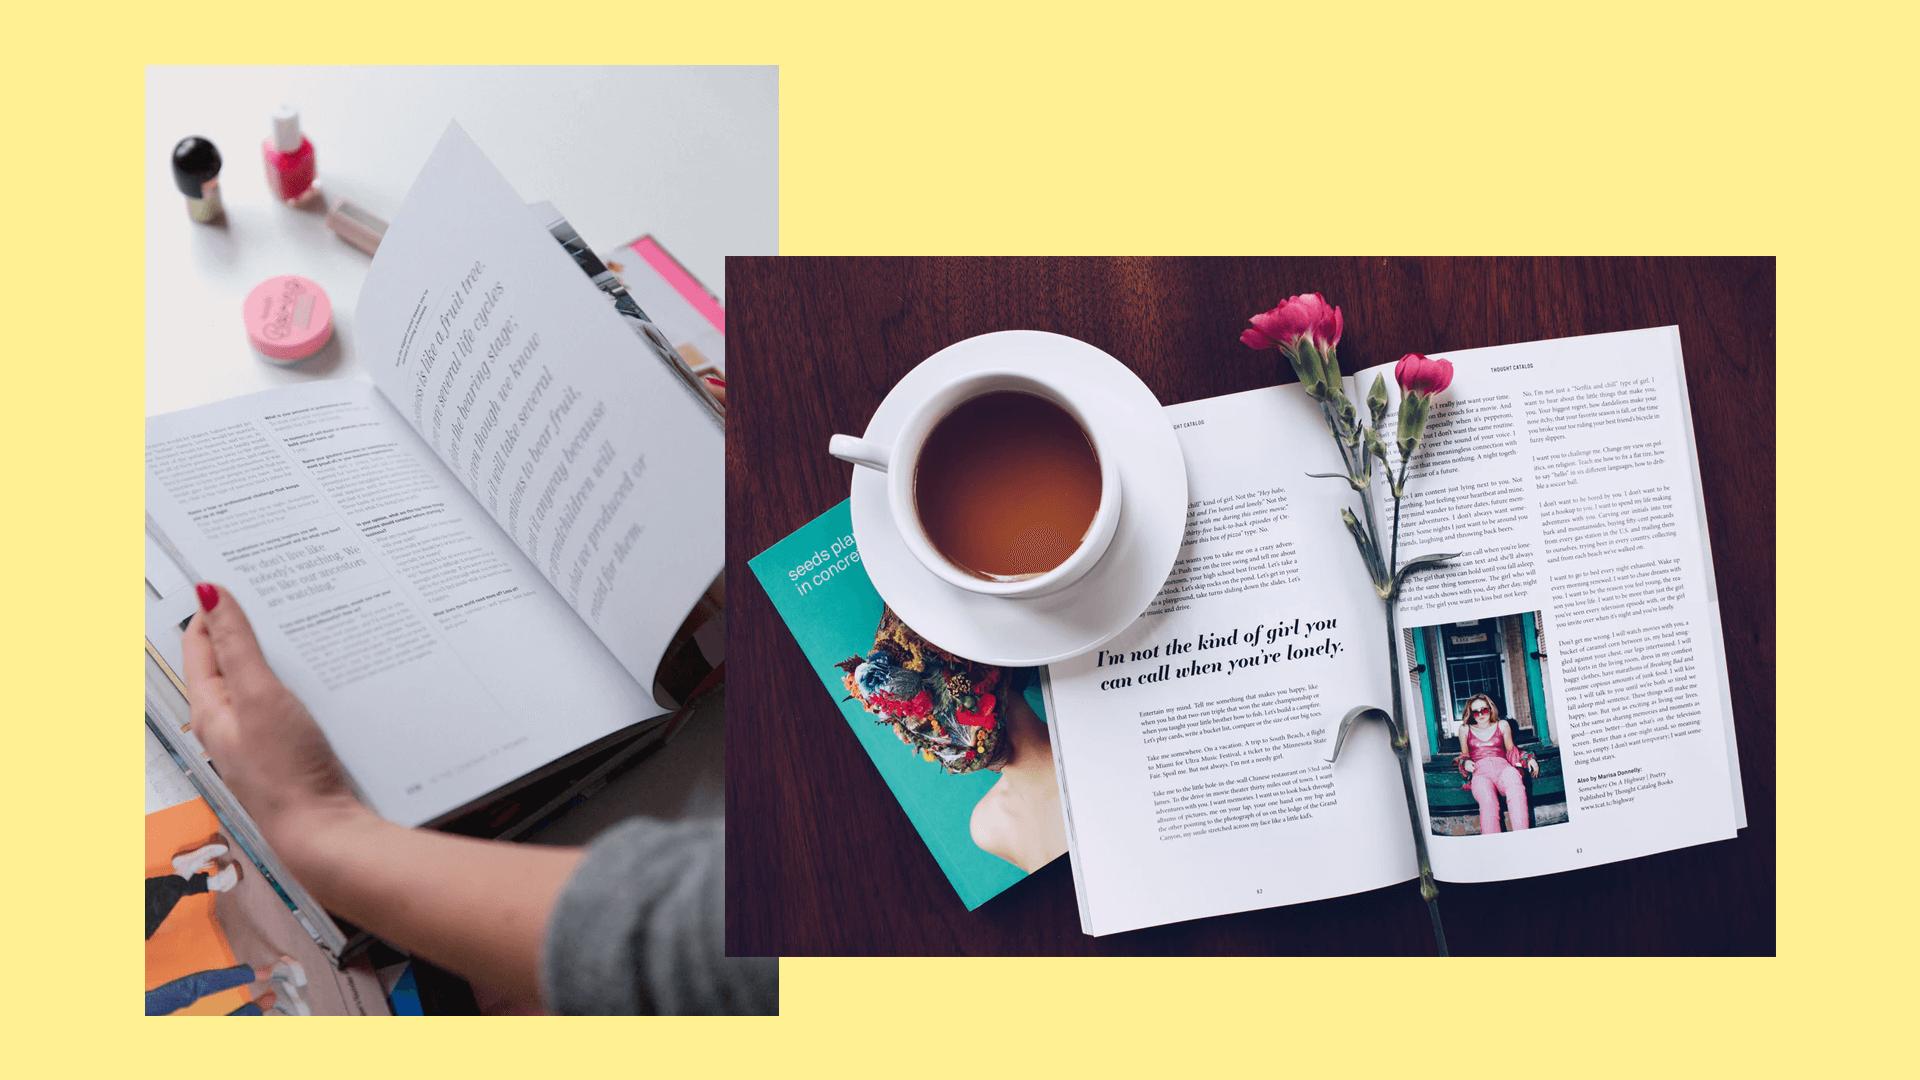 Inspiracje typograficzne w magazynach